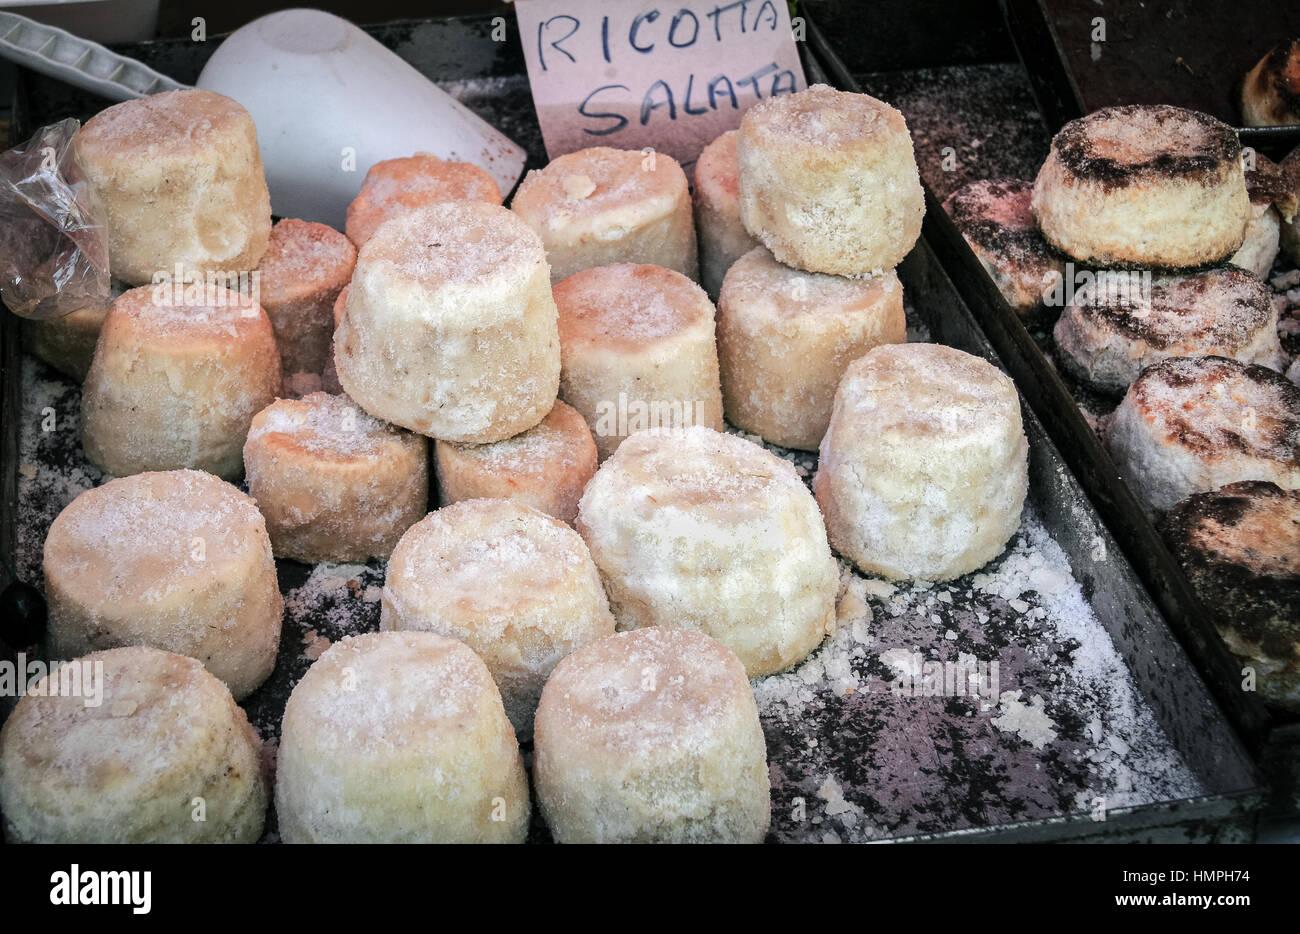 Le fromage ricotta salée sur market stall, Palerme, Sicile Photo Stock